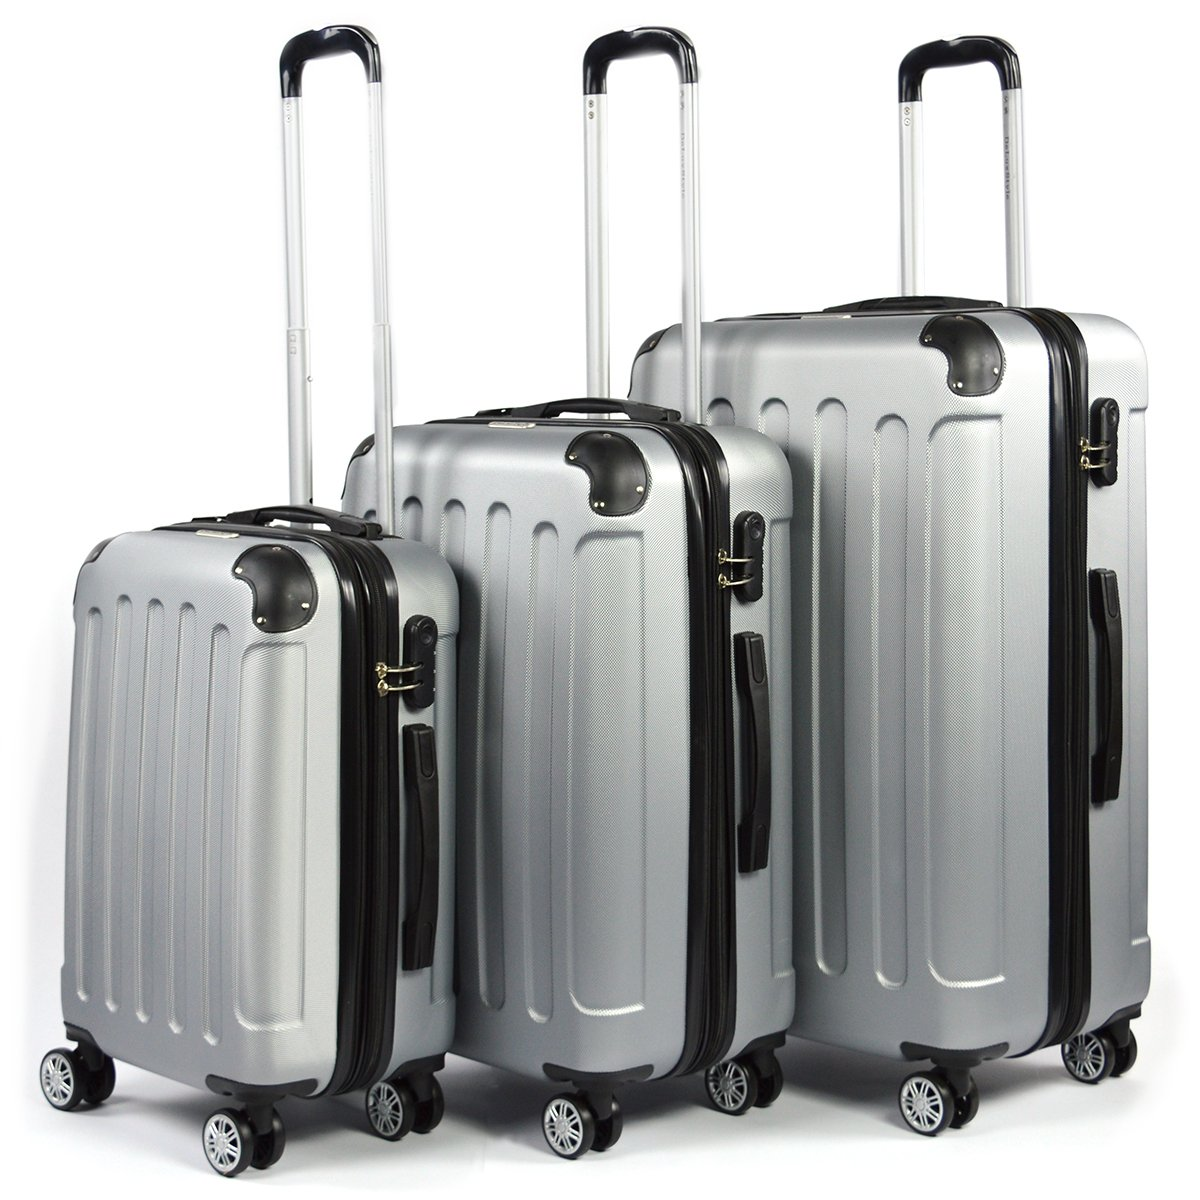 Flexot 3-teiliges ABS Reisekofferset, Hartschalenkoffer, Ultraleicht, 360° Rollsystem, 4 Rollen, Aluminium, Silber 360° Rollsystem Flexot-3S-Silber